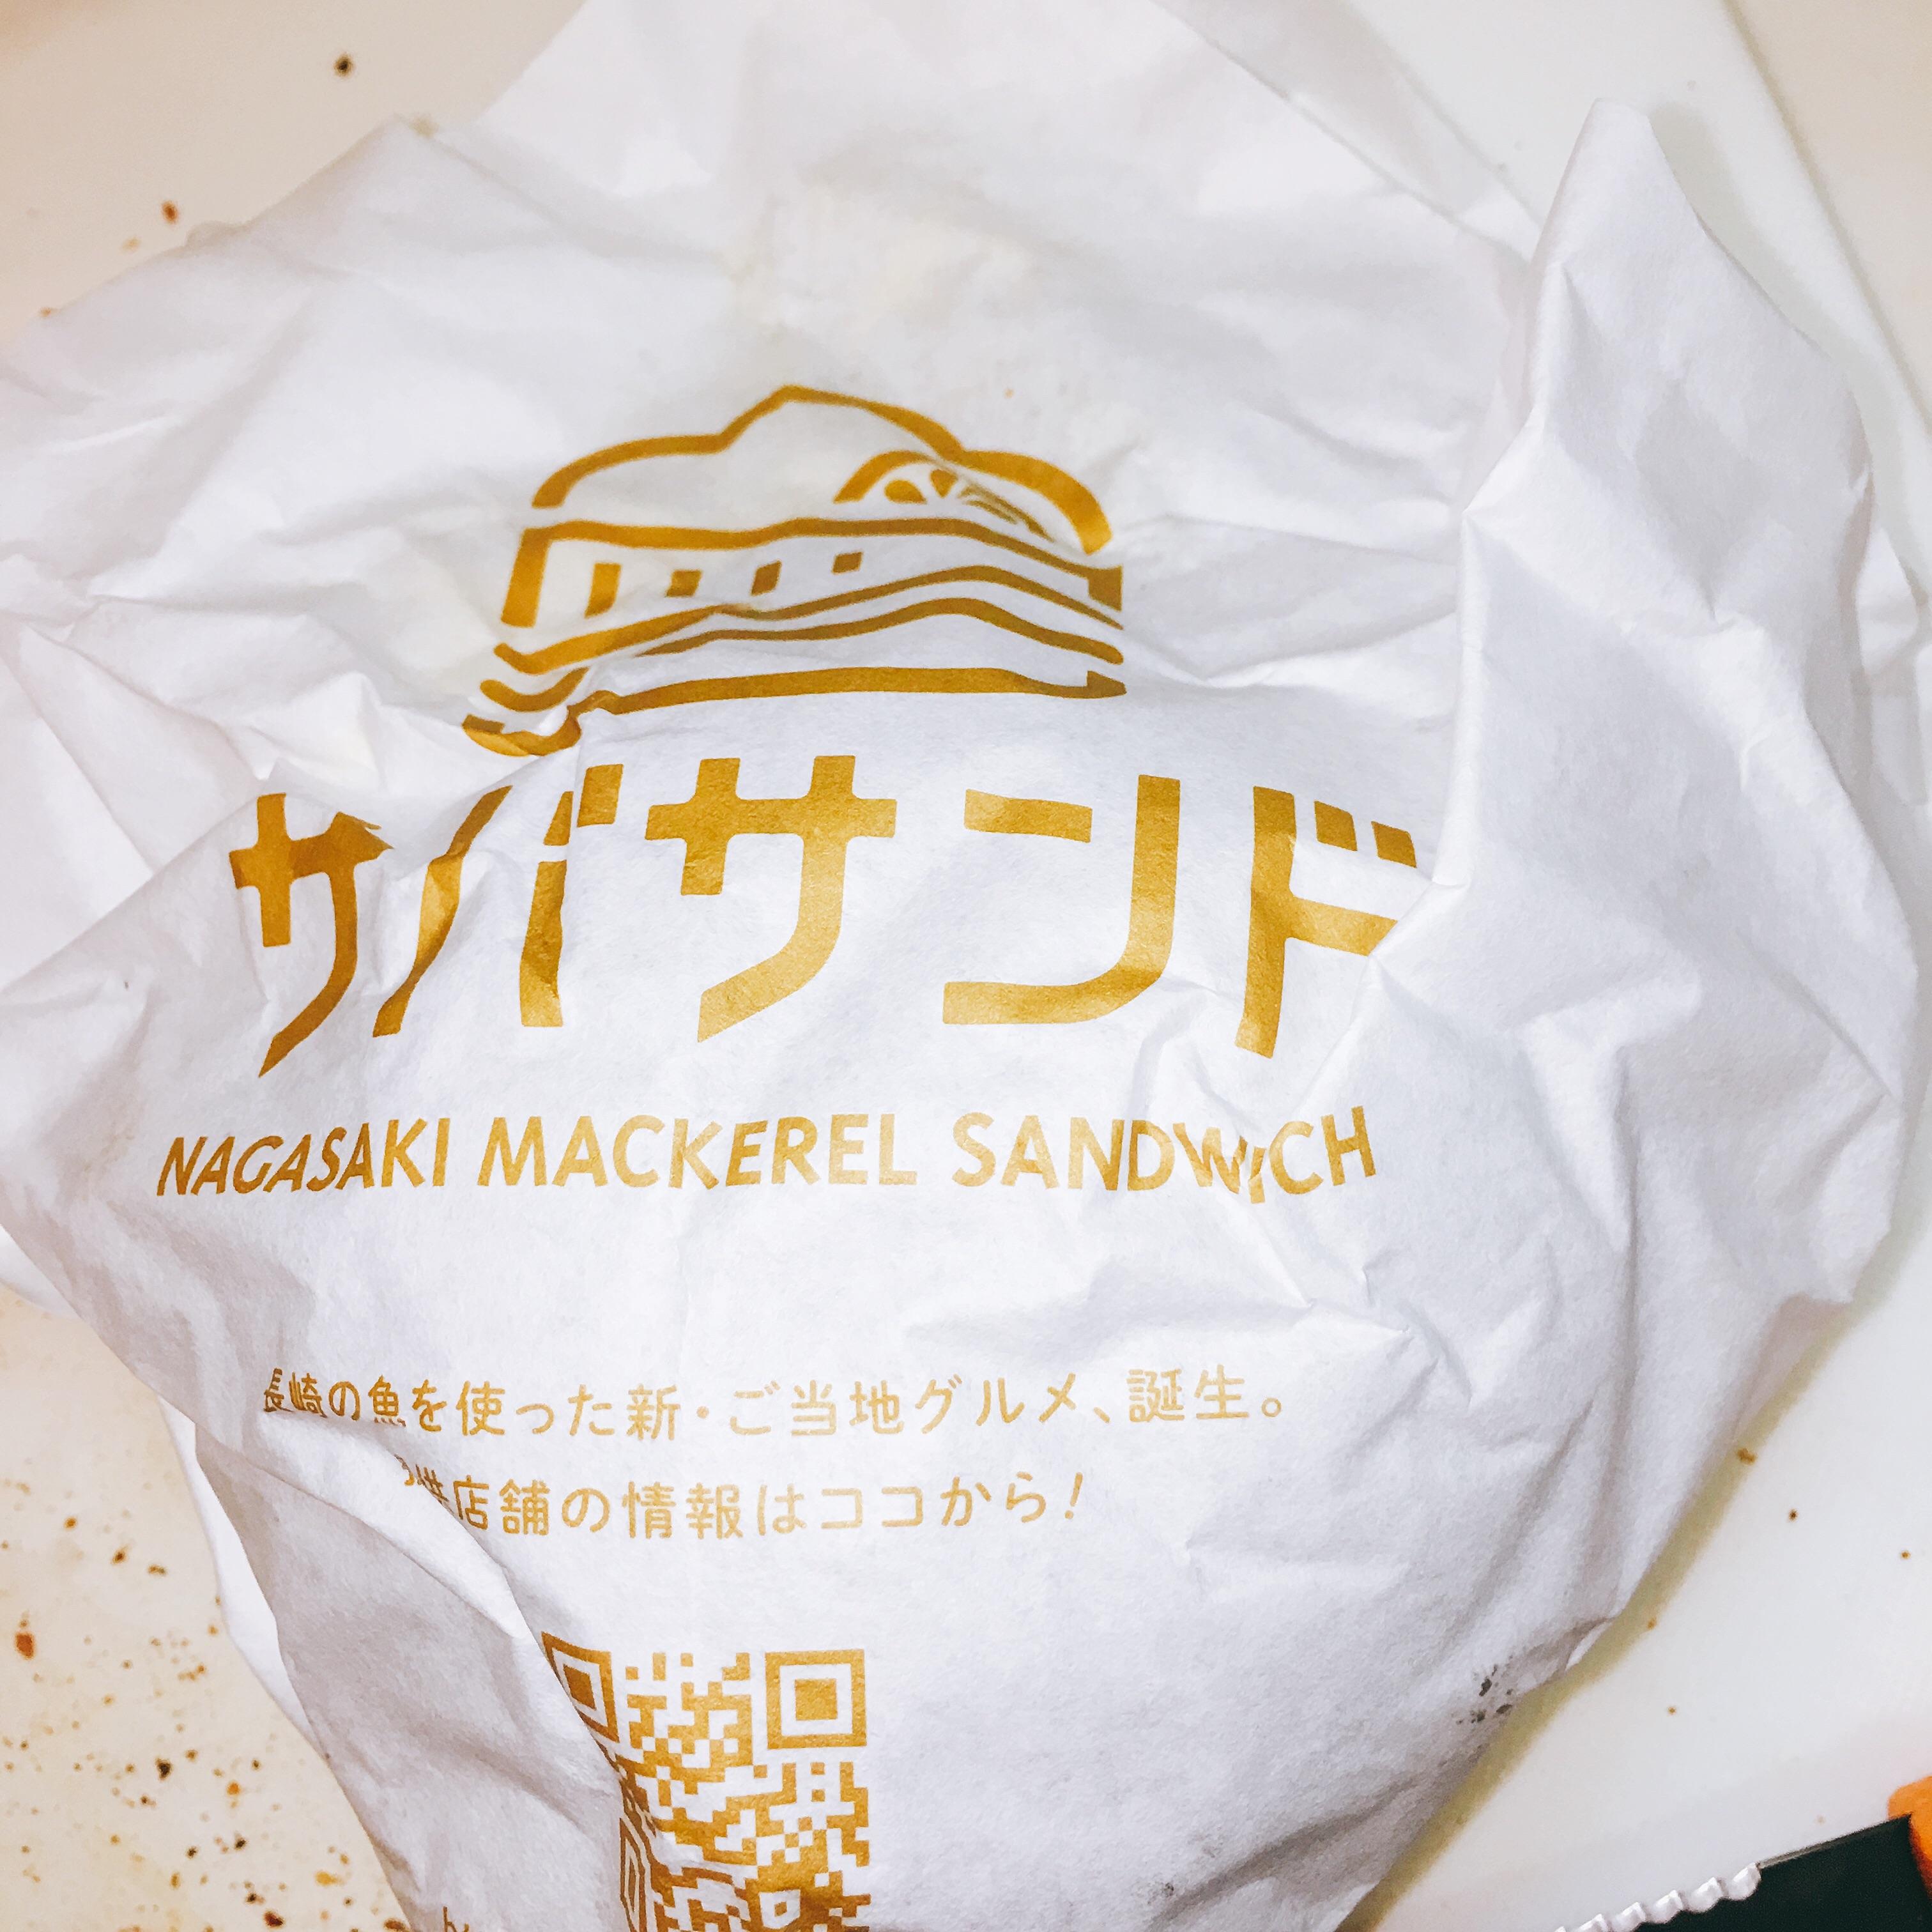 f:id:allergy_nagasakikko:20170502135526j:image